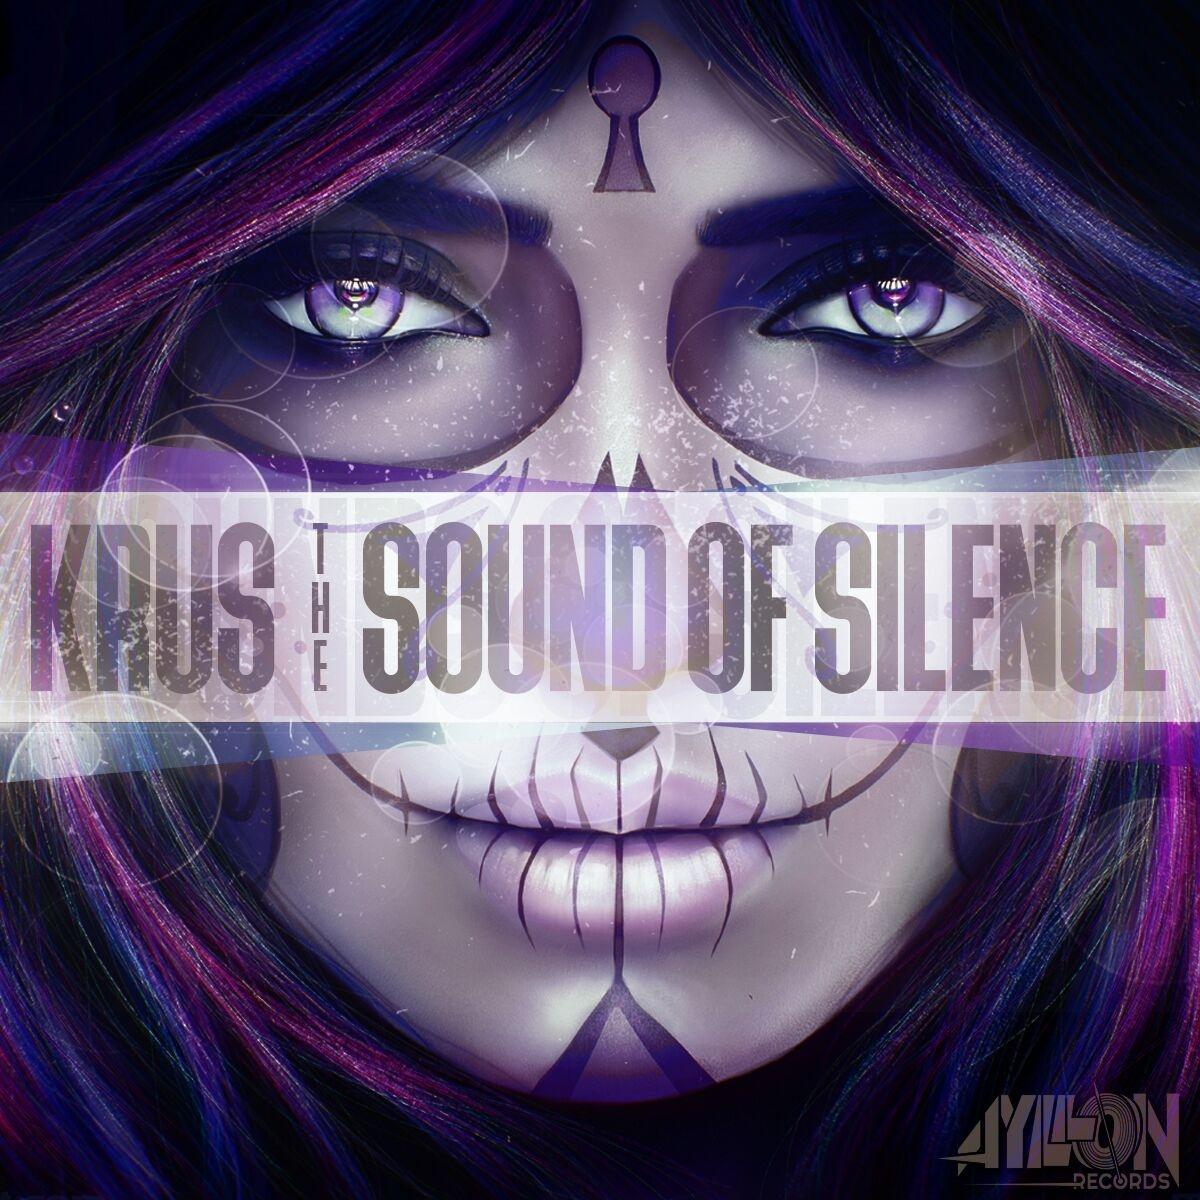 Krus - The Sound Of Silence [AR003]